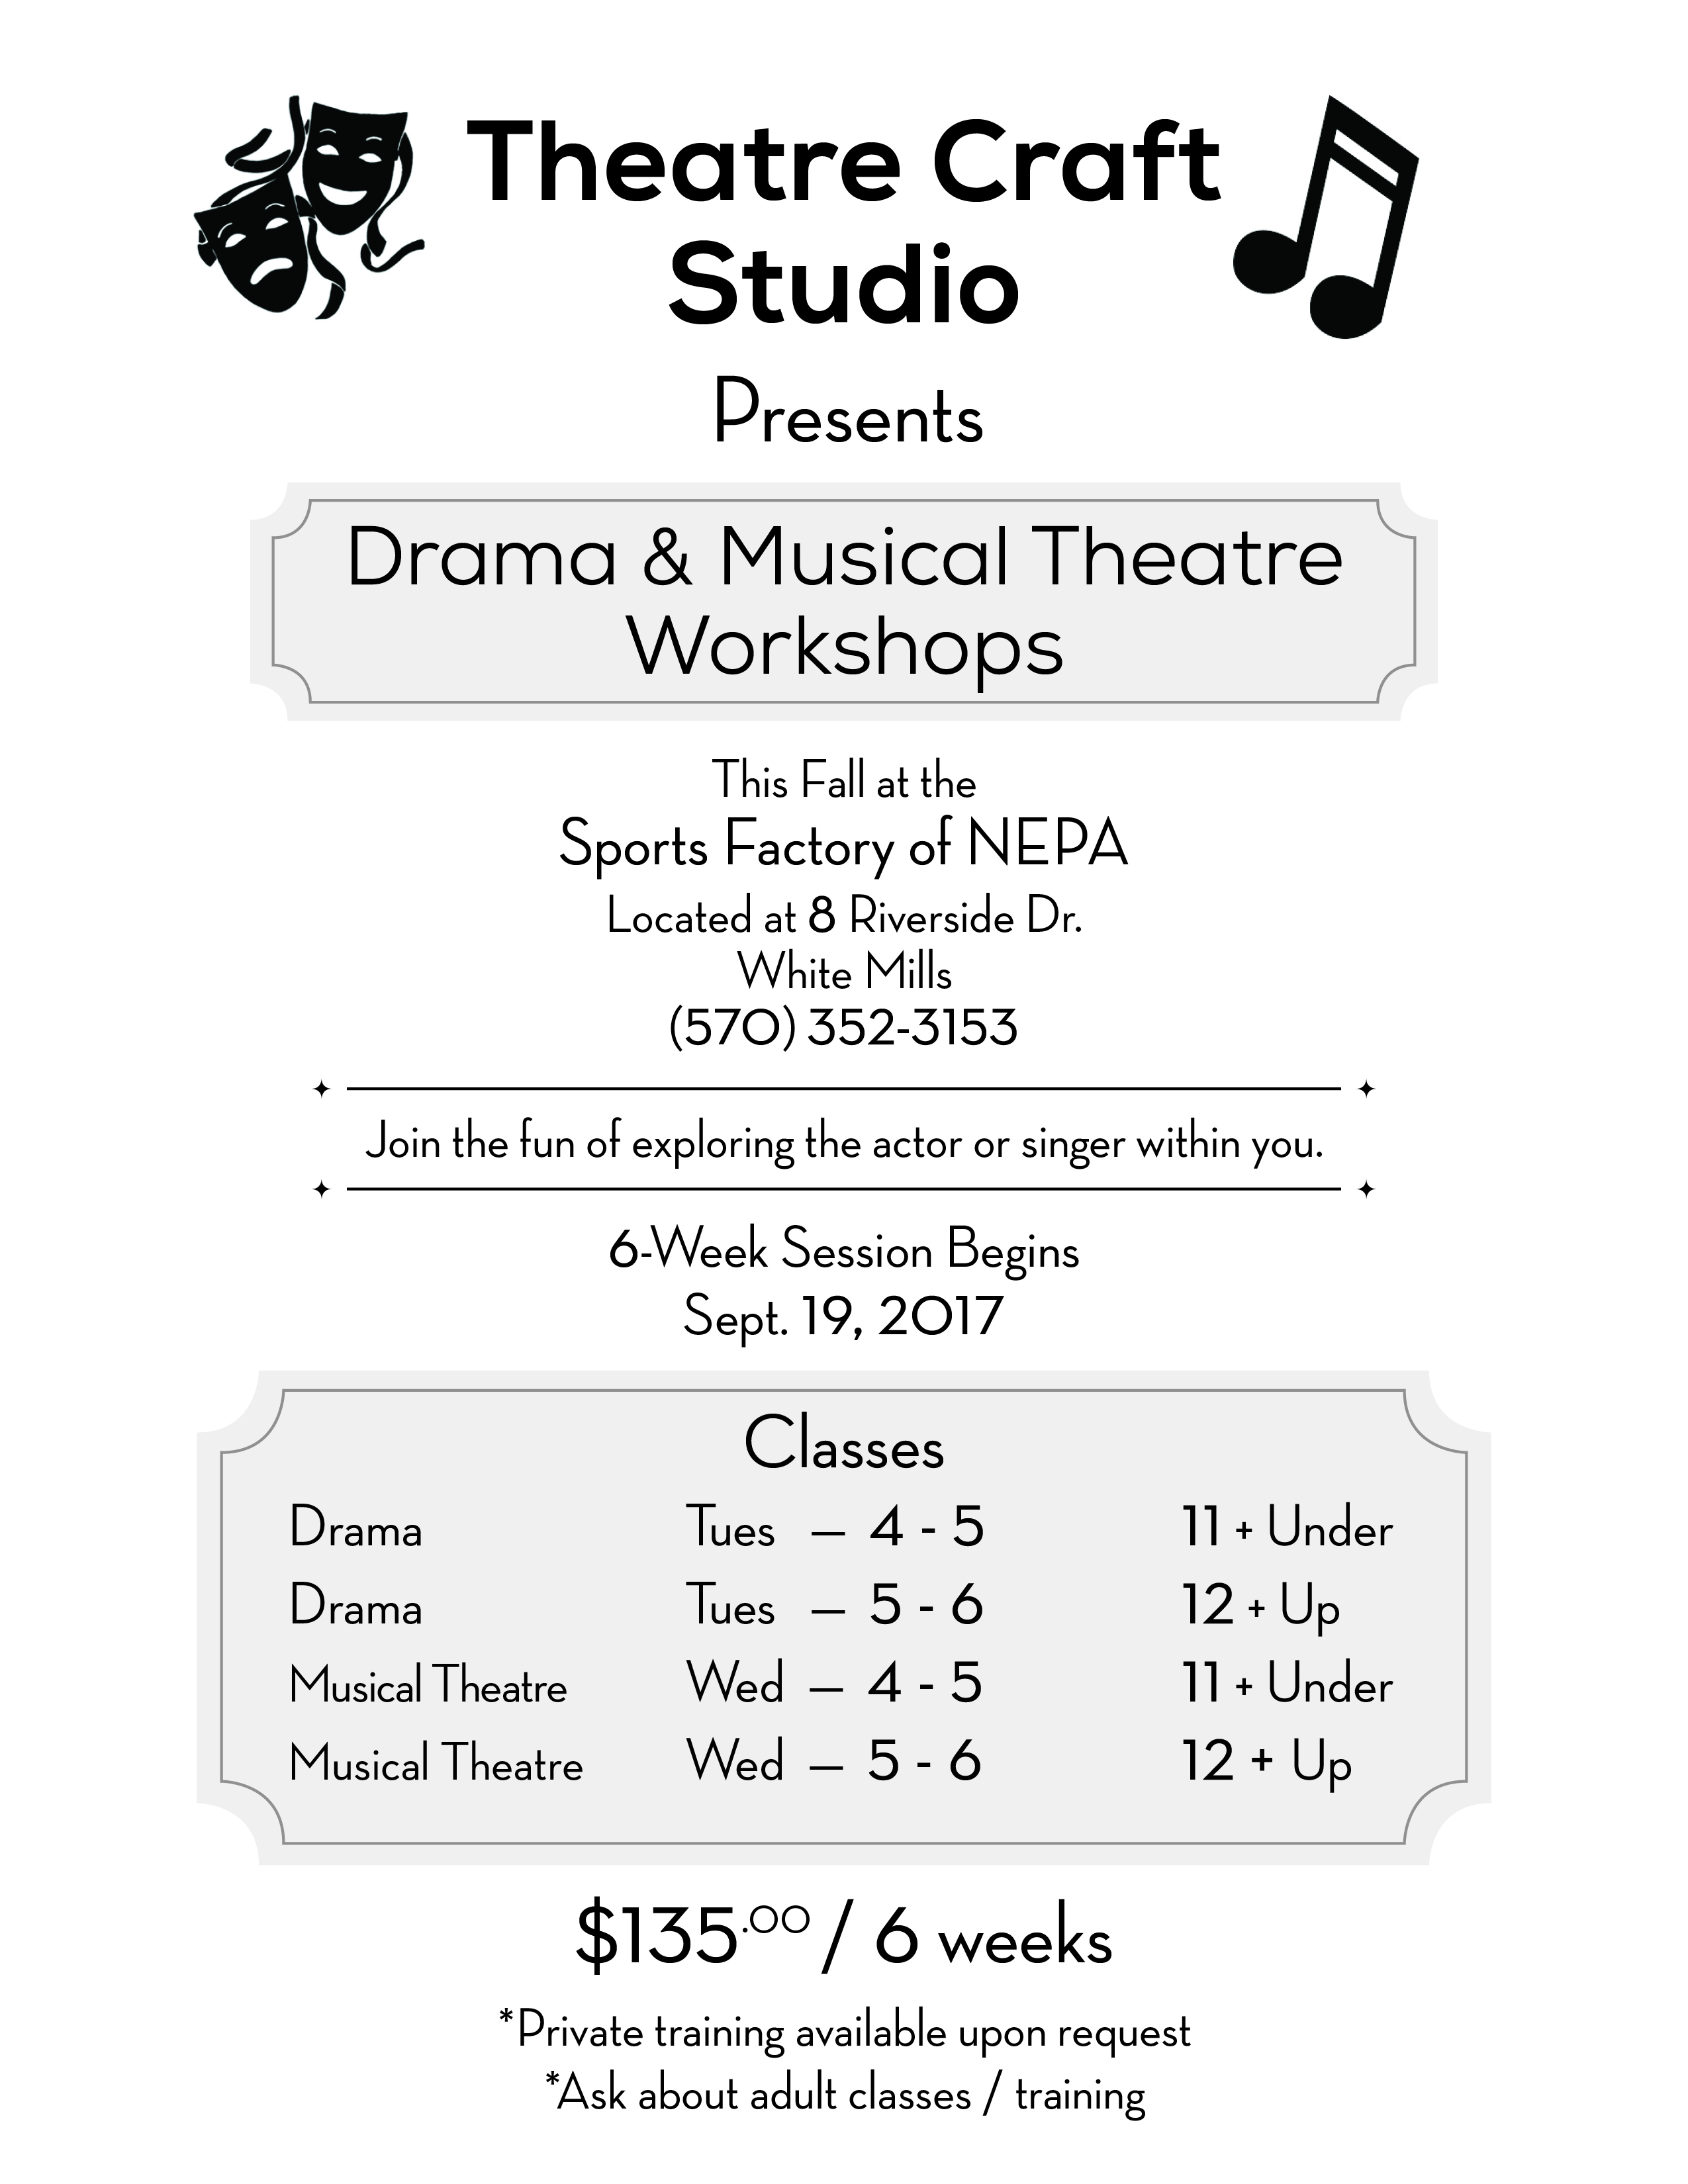 Theatre Craft Studio @ Small Studio @ The Sports Factory